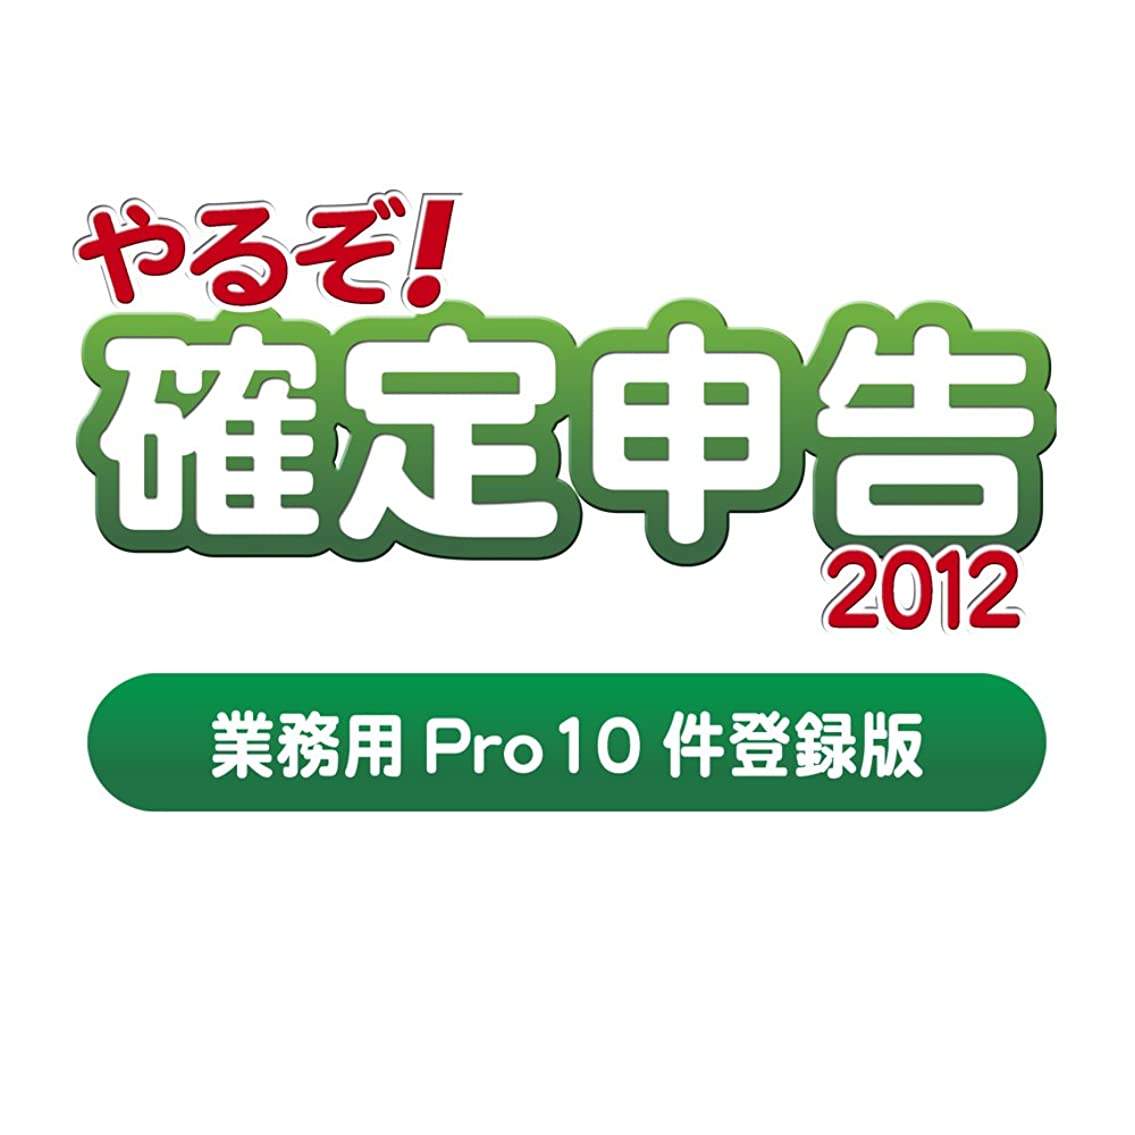 オーストラリア味付け気分が良いやるぞ! 確定申告2012 業務用Pro 10件登録版  for Win&Mac